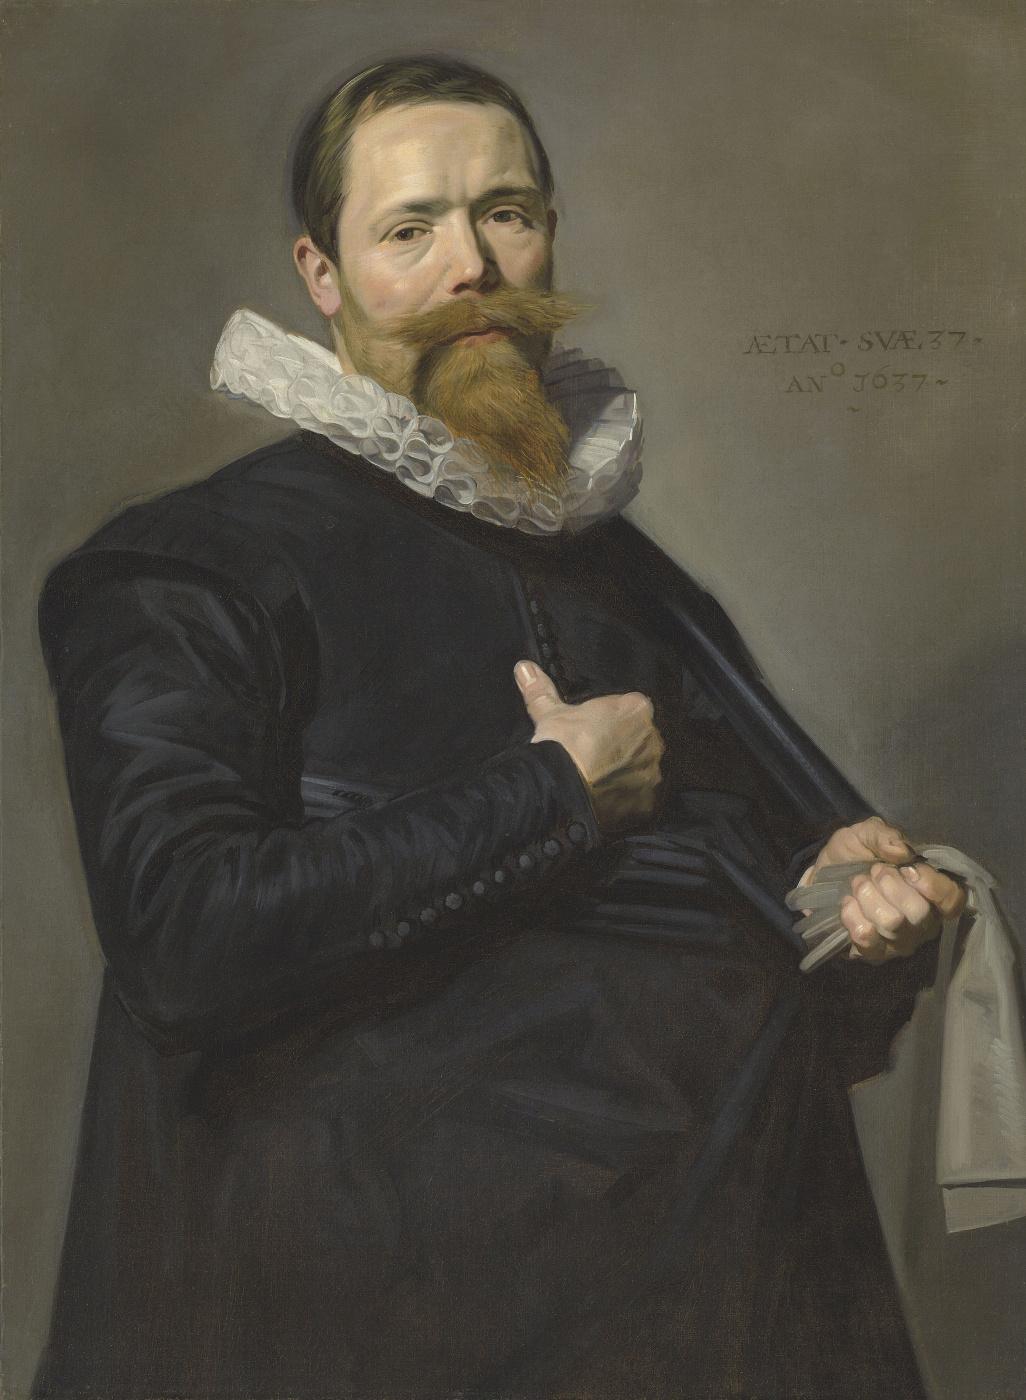 Frans Hals. Портрет господина в возрасте 37 лет